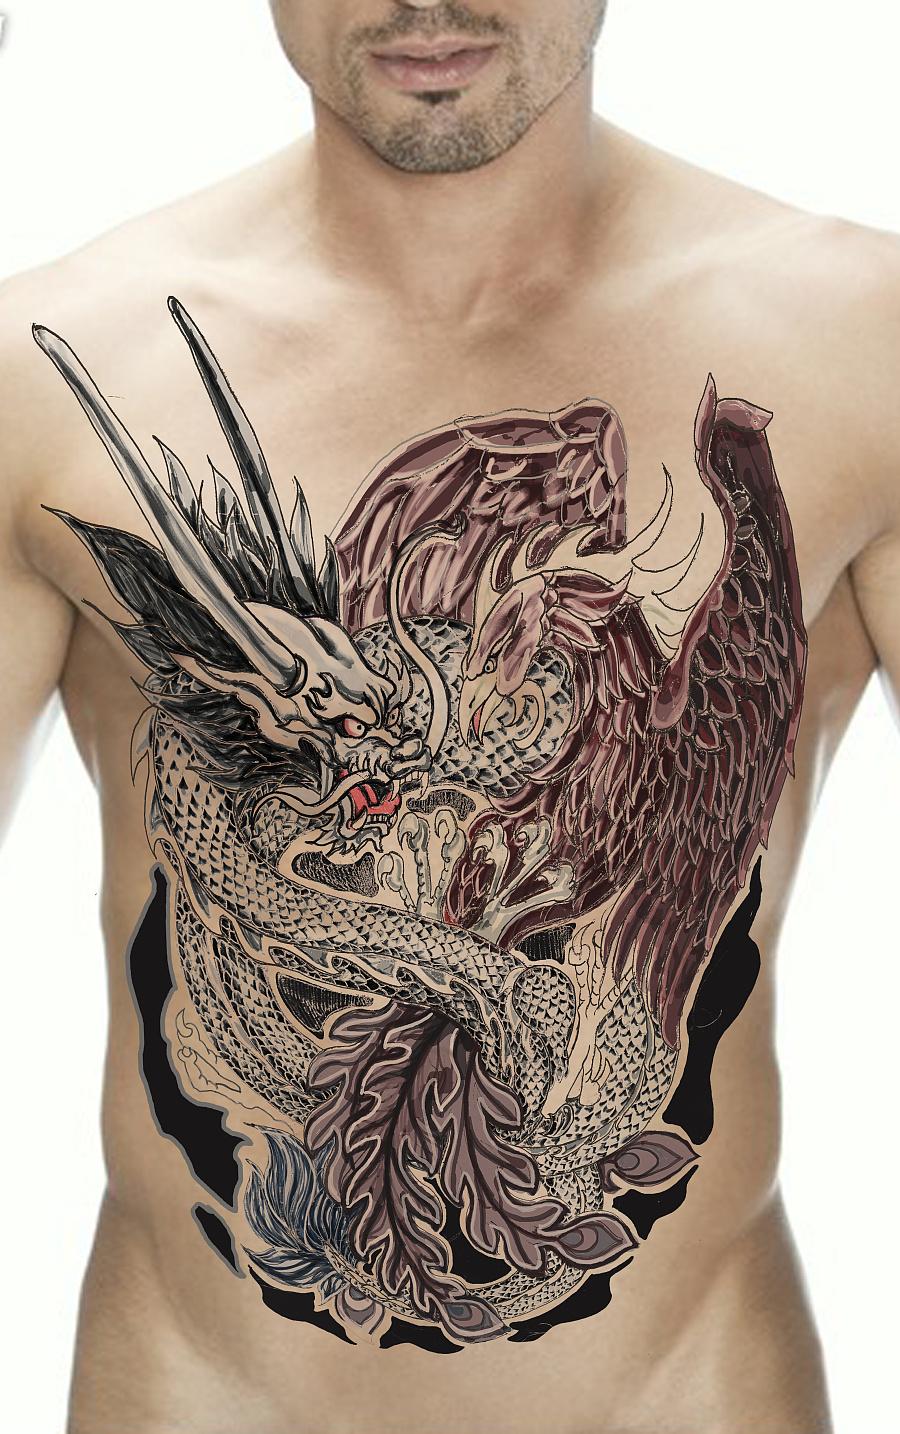 龙凤作品纹身-proe 龙凤作品图片